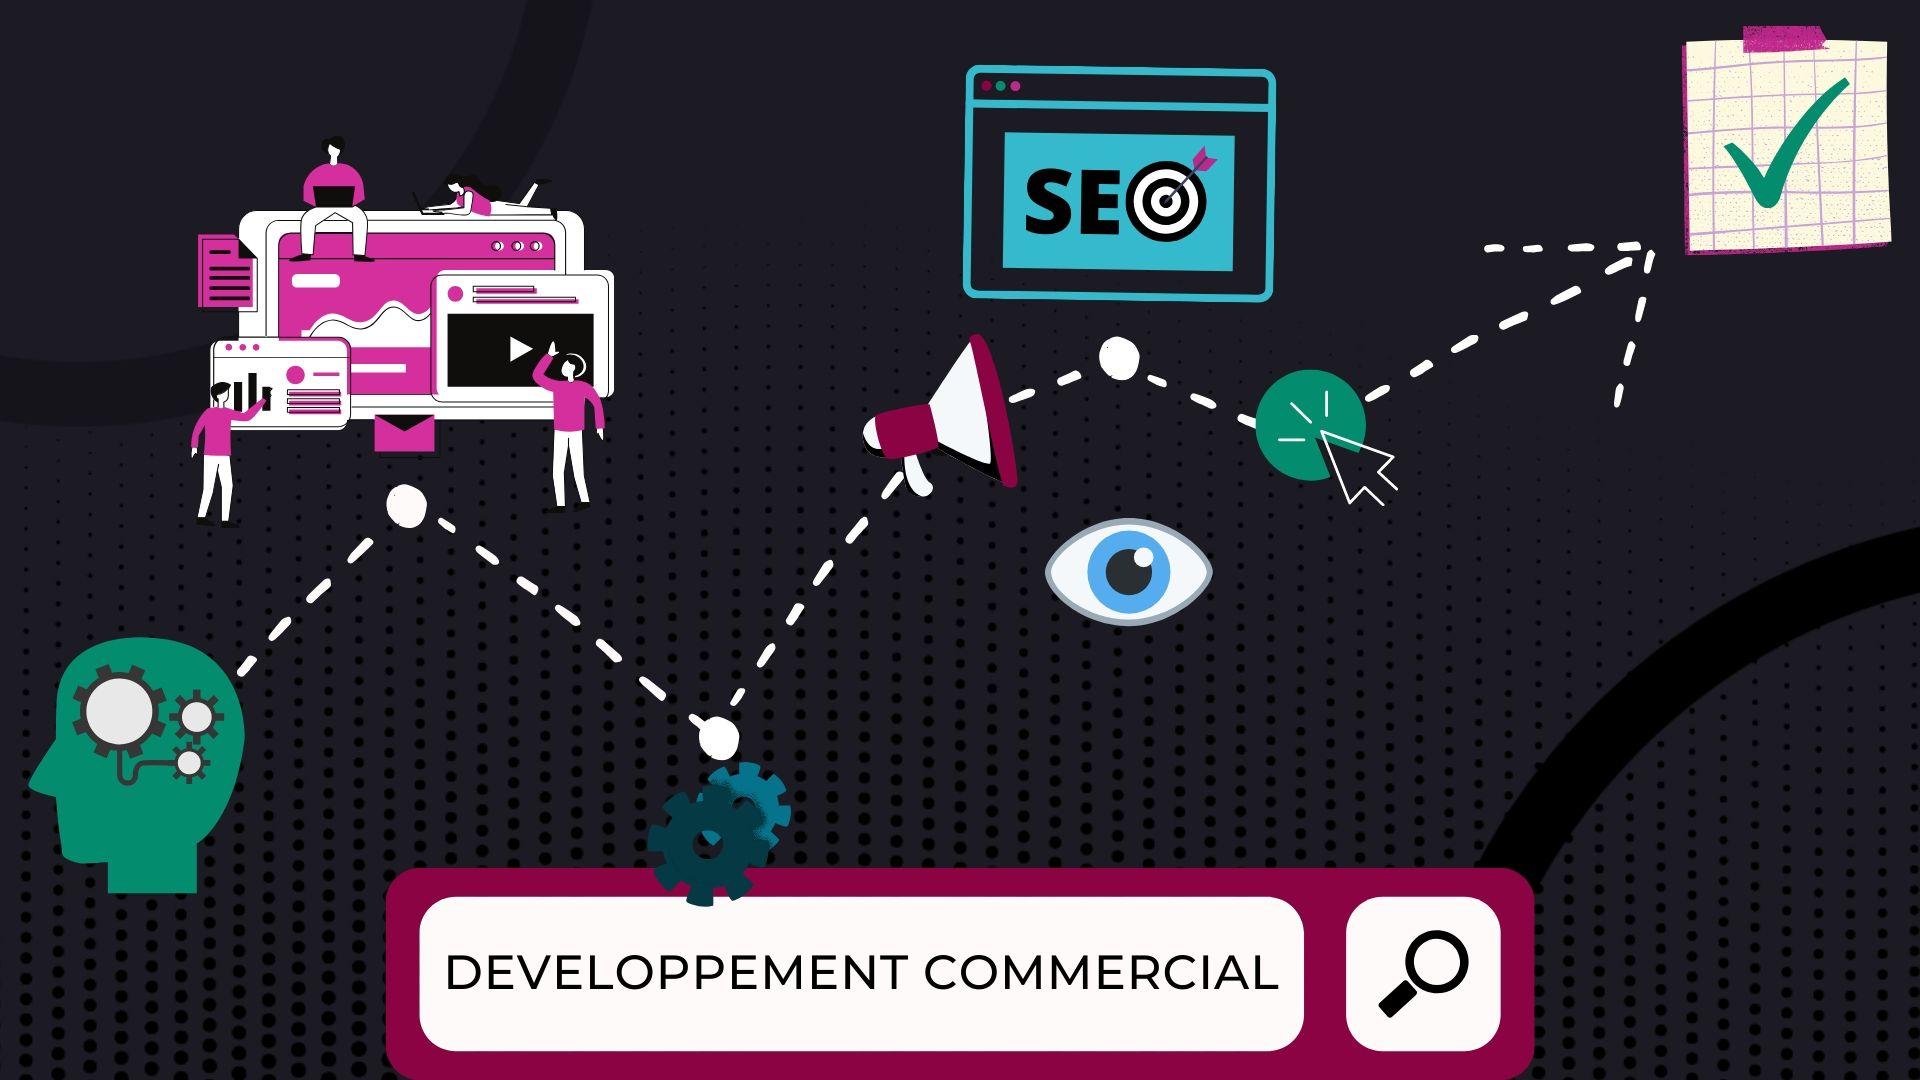 Les 5 points qui font de votre site internet un outil de développement commercial